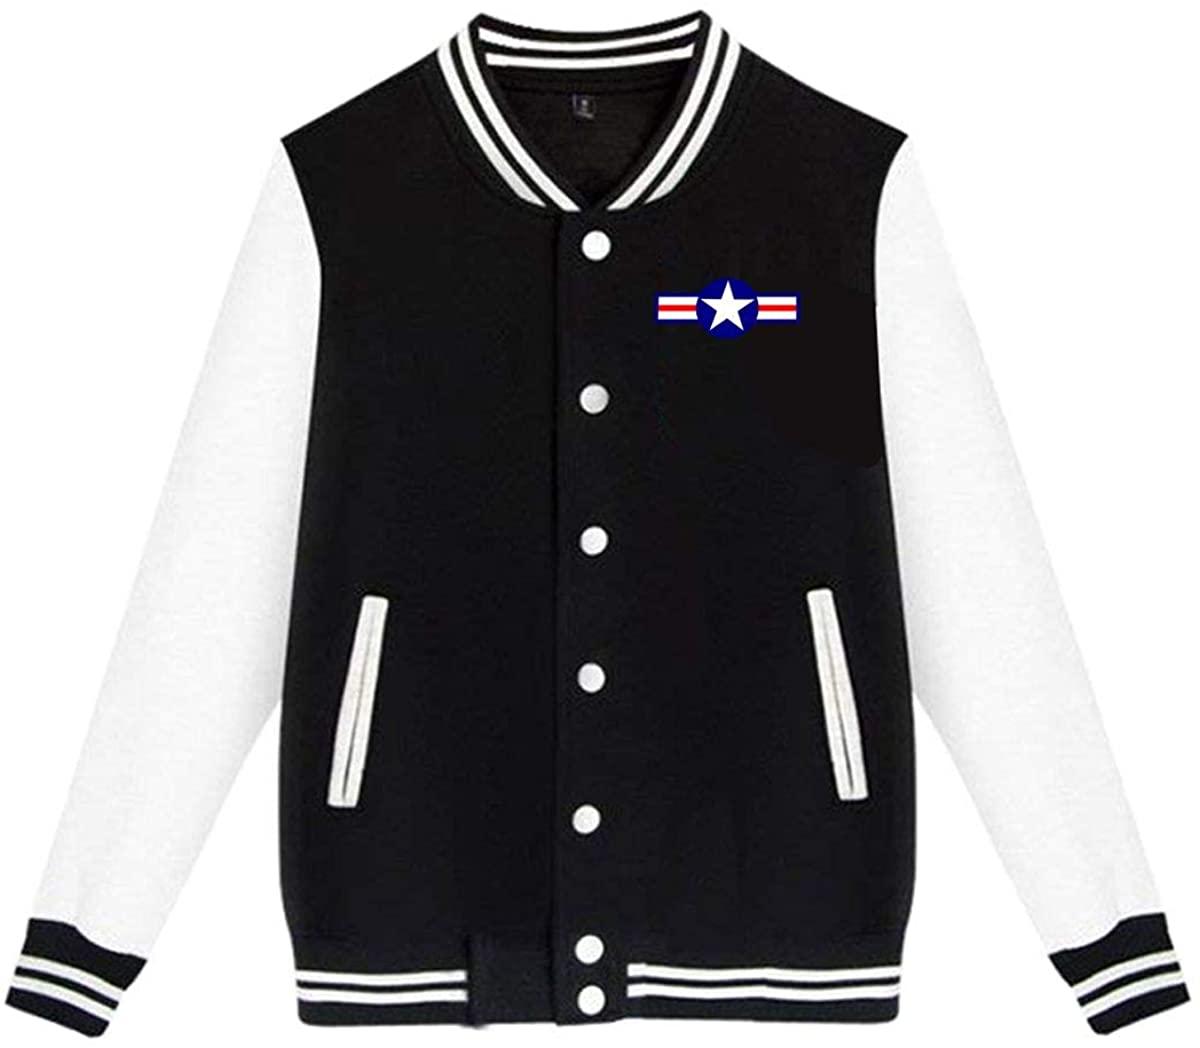 1836 Us Air Force USAF Unisex Baseball Jacket Varsity Jacket